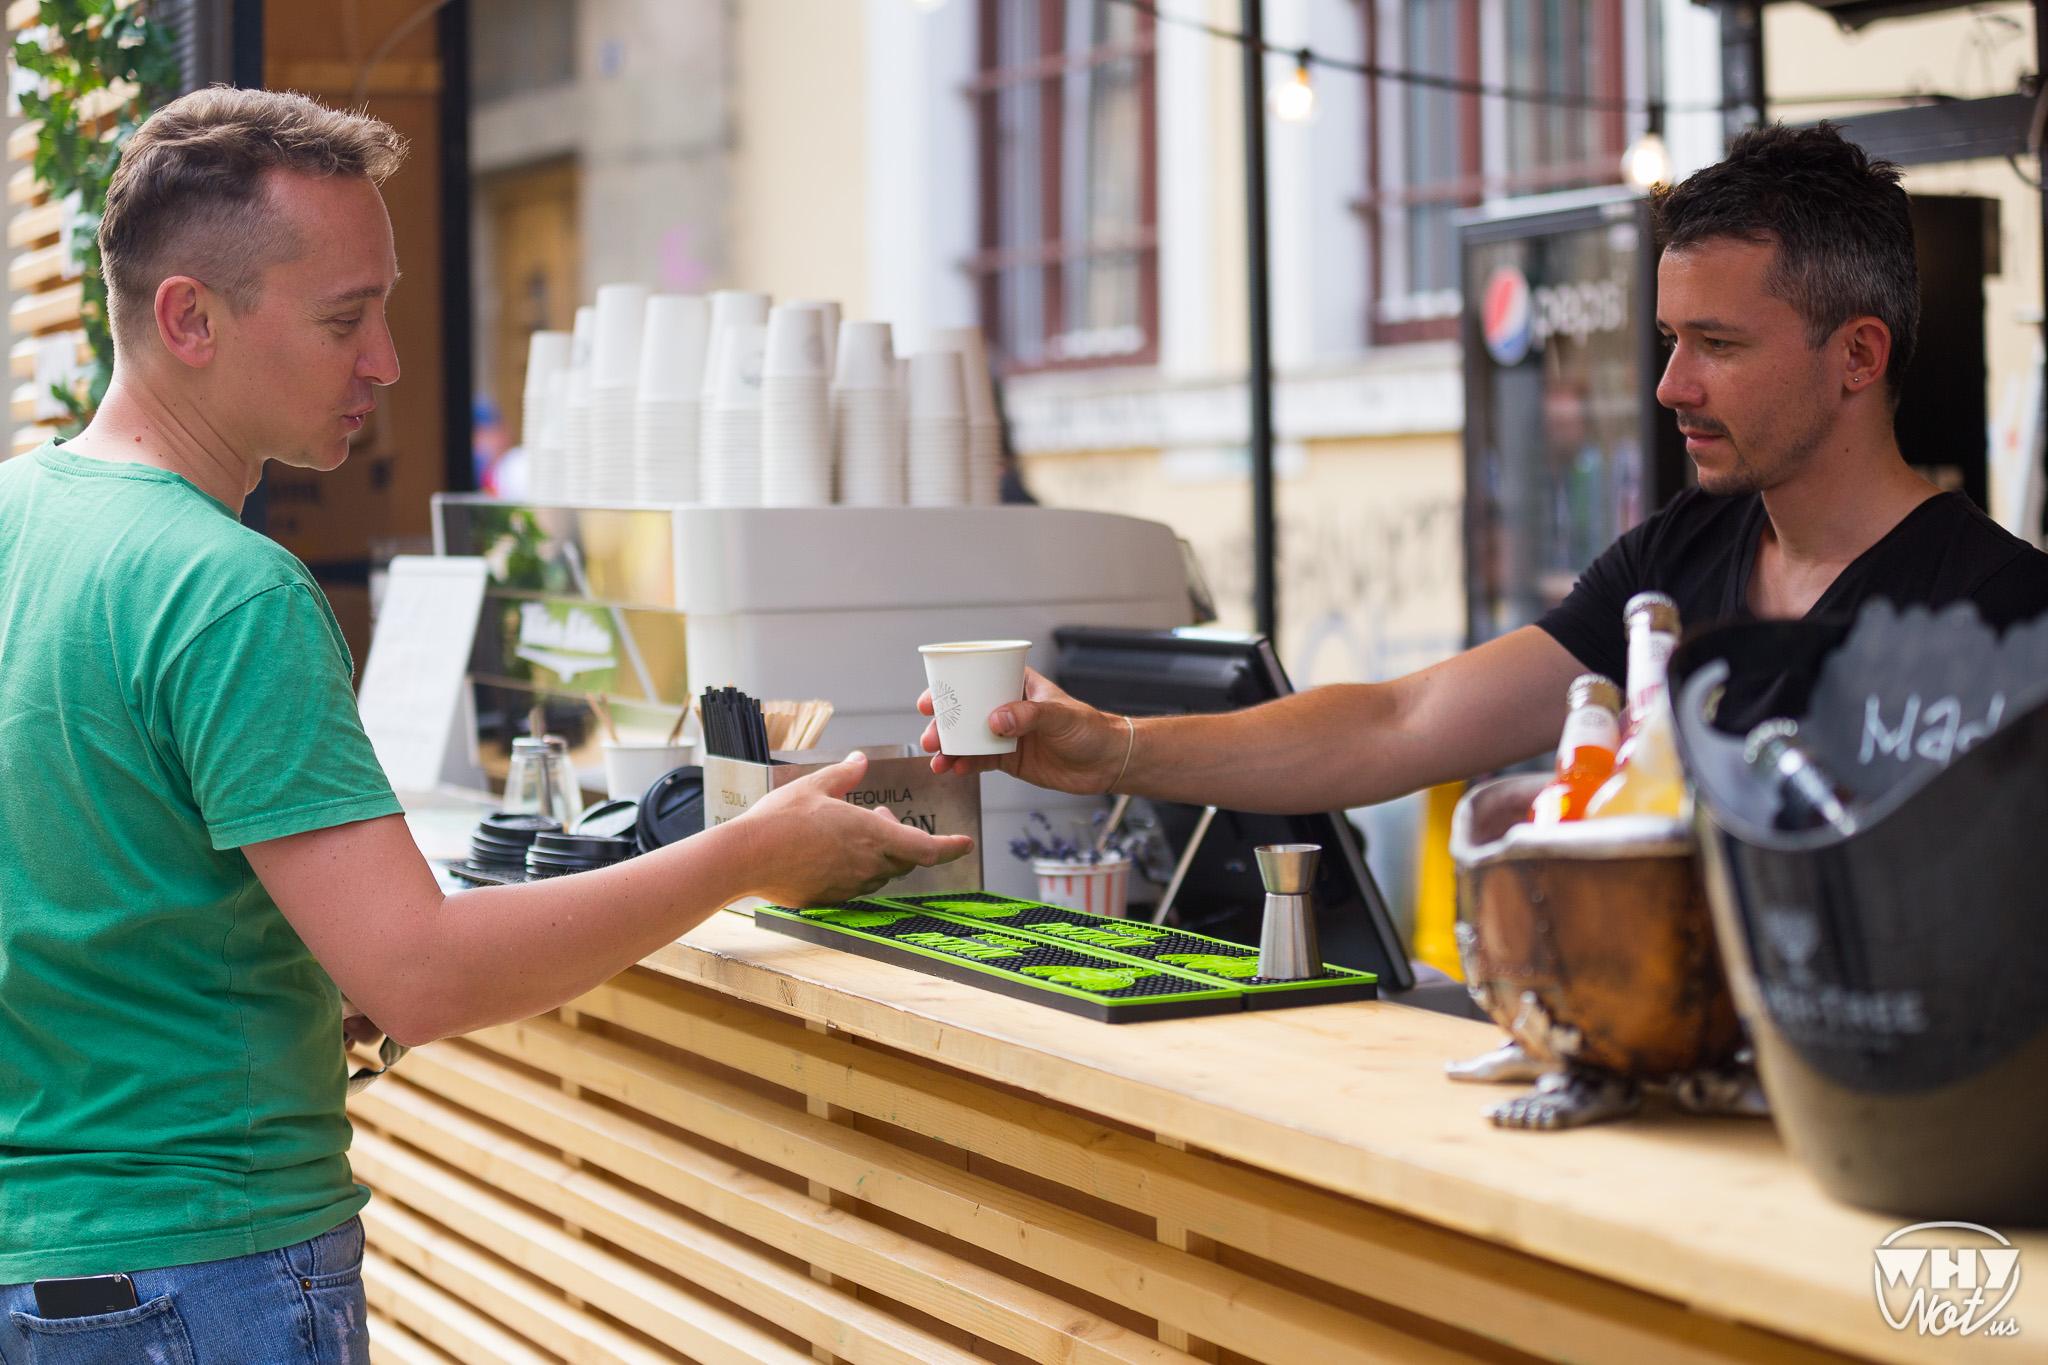 Interviu cu Deji Mircea Dan, responsabilul de baruri la Street Food Festival și barista la Roots